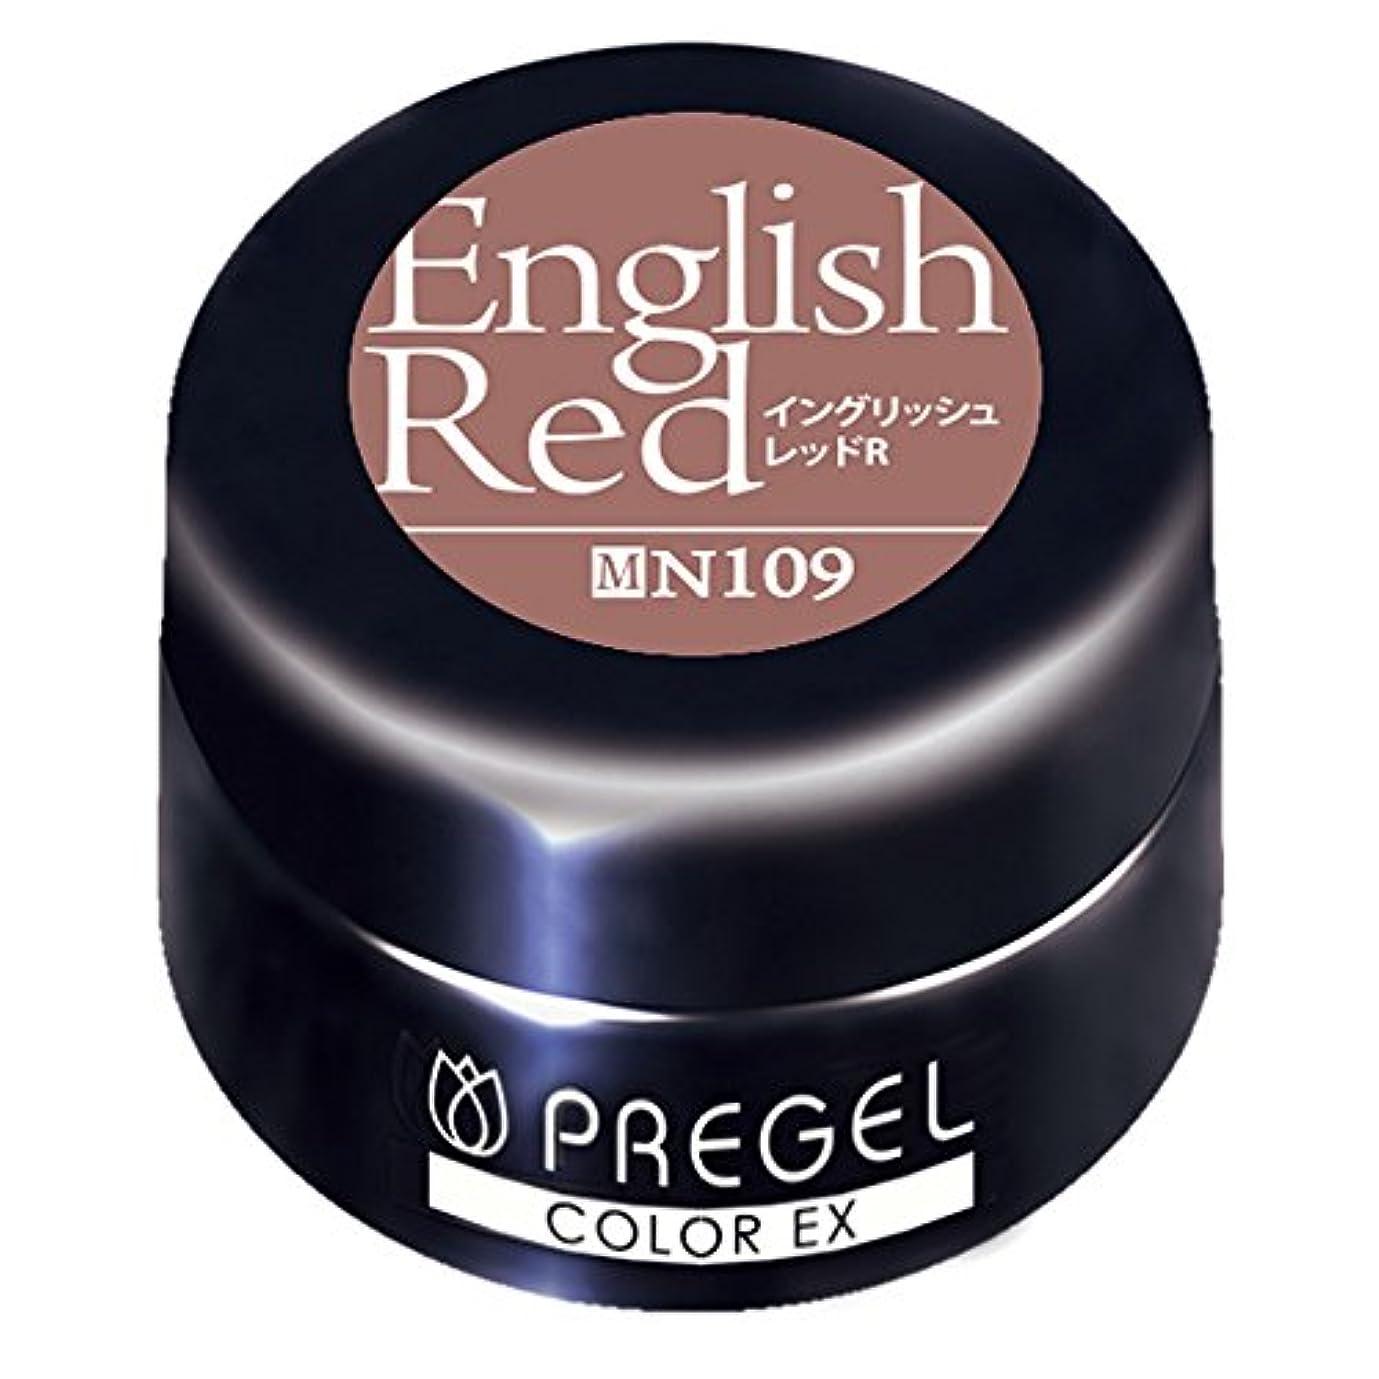 資格情報エッセイ最大化するPRE GEL カラージェル カラーEX イングリッシュレッド R109 3g UV/LED対応タイオウ